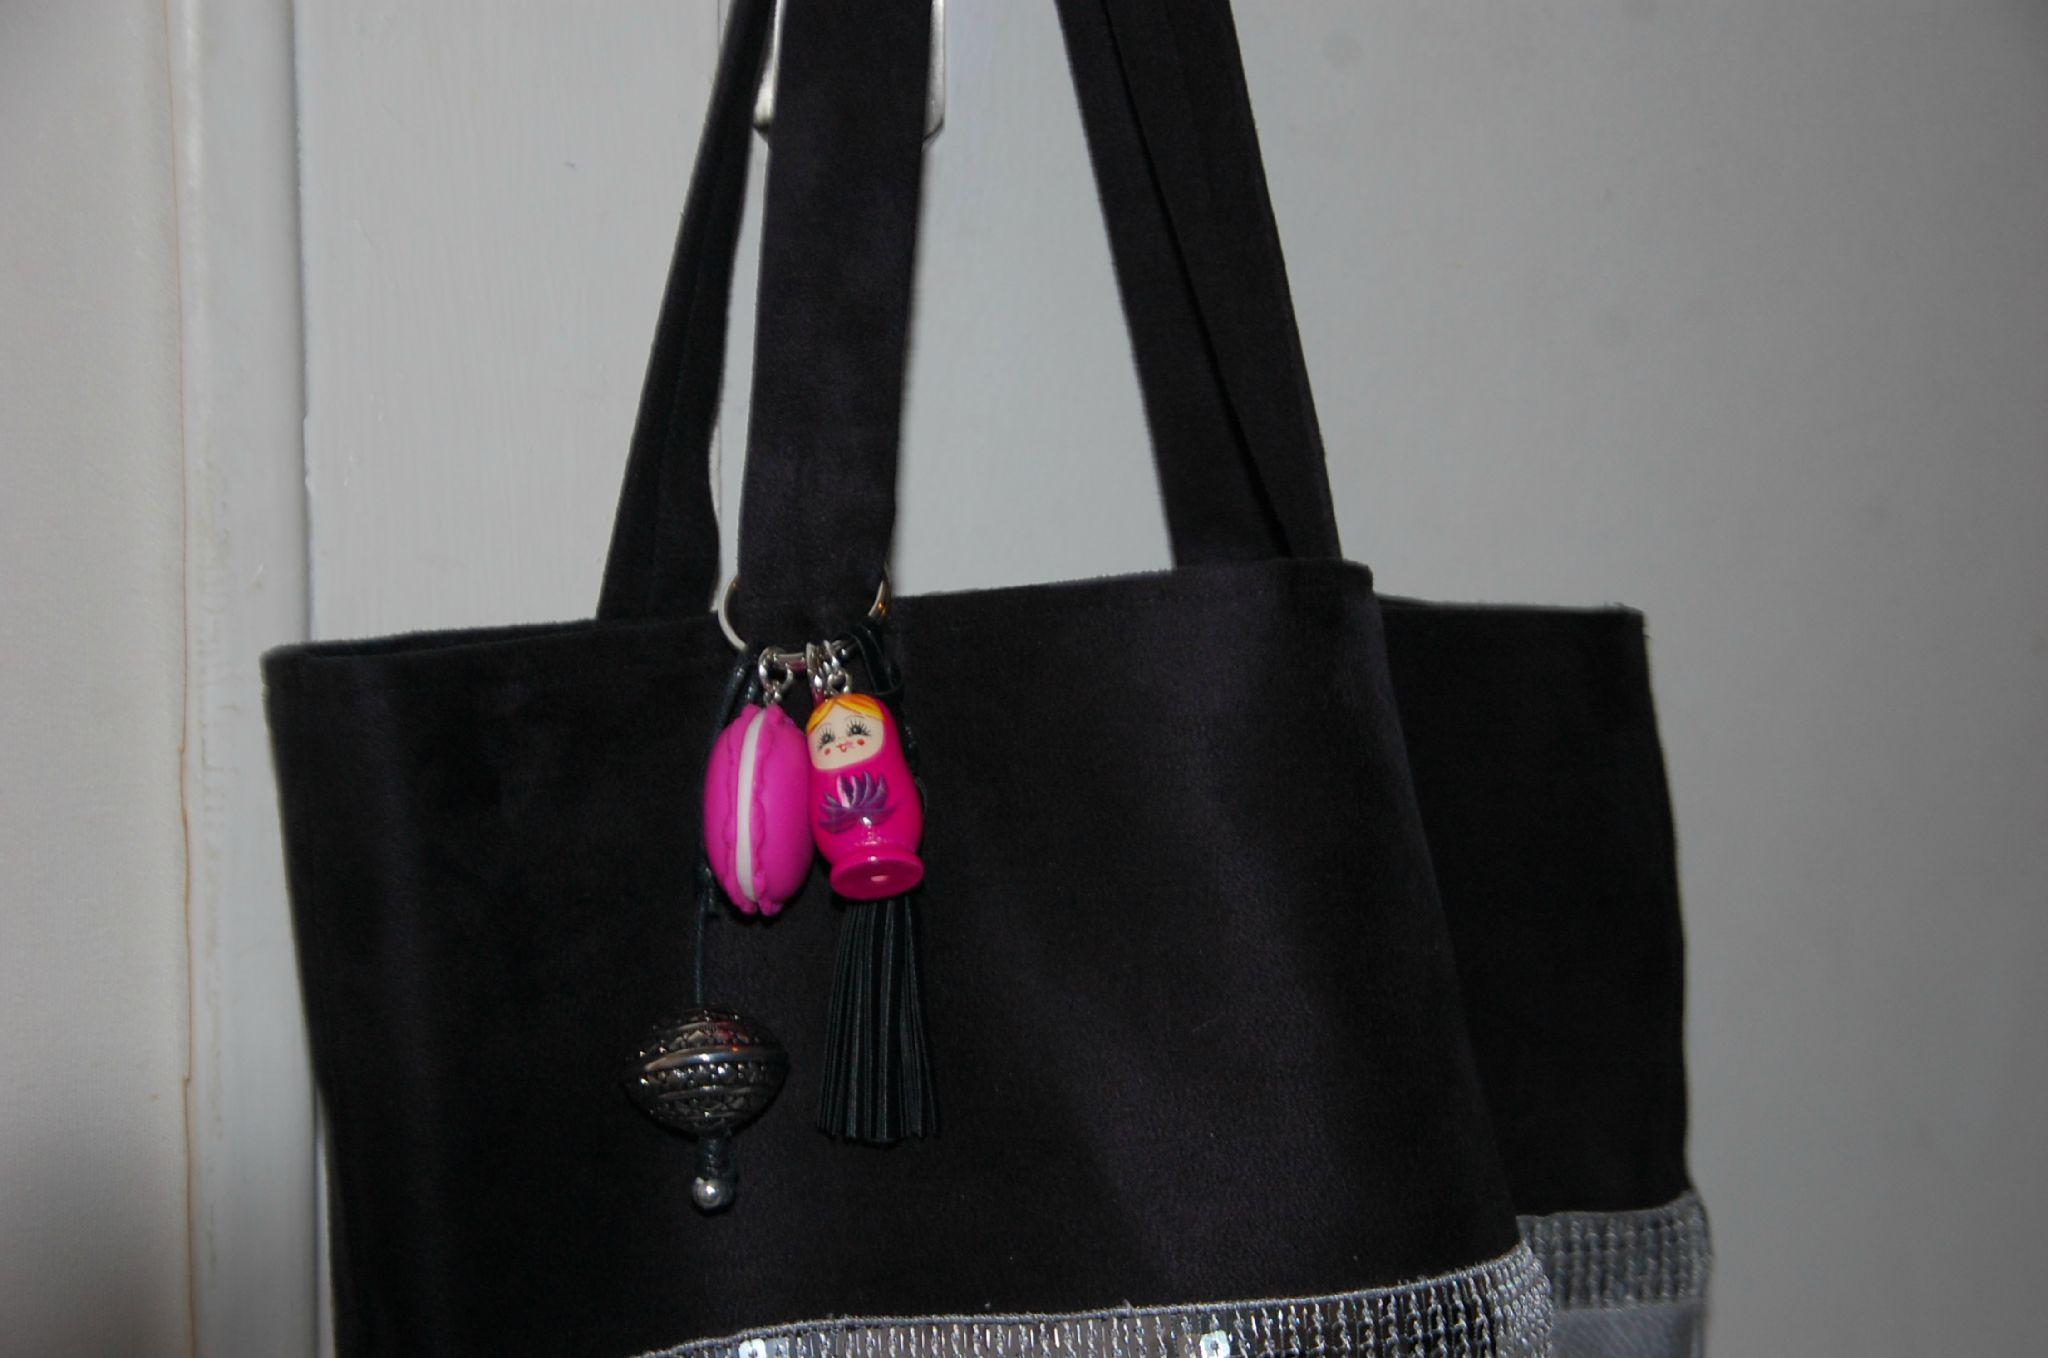 Le bijou de sac de Sophie